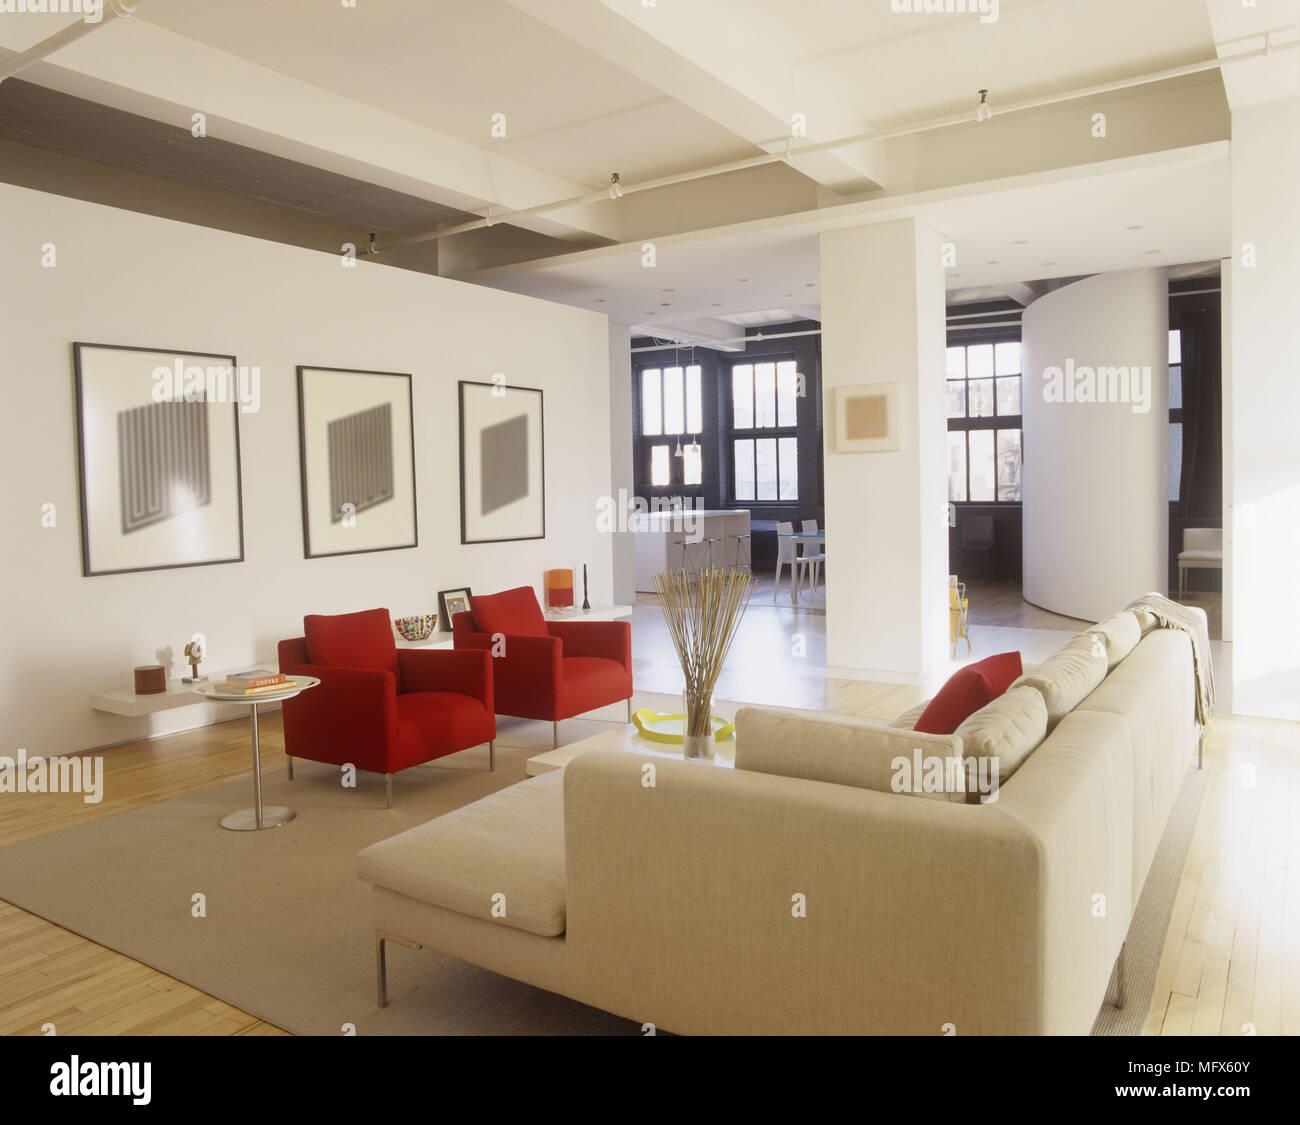 Ein Modernes Minimalistisches Offene Wohnzimmer Mit Roten Sesseln